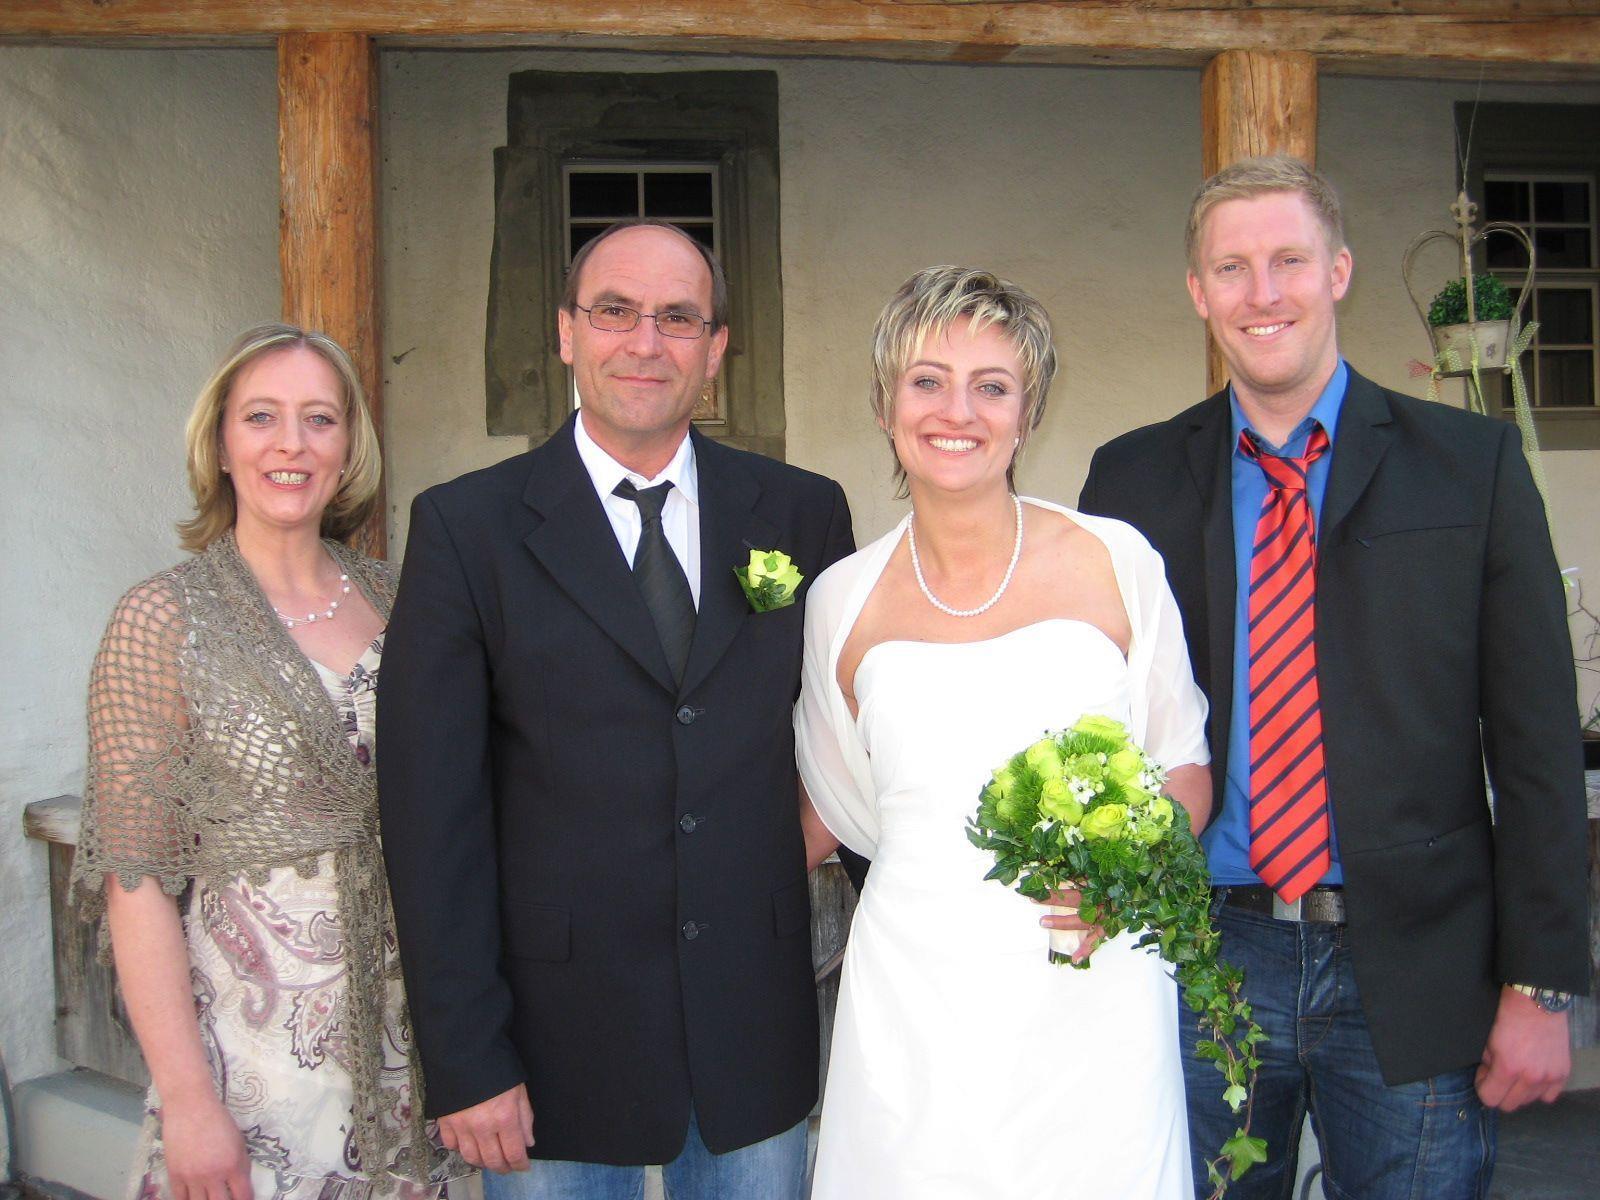 Sandra Mayer und Christian Zauner haben geheiratet.